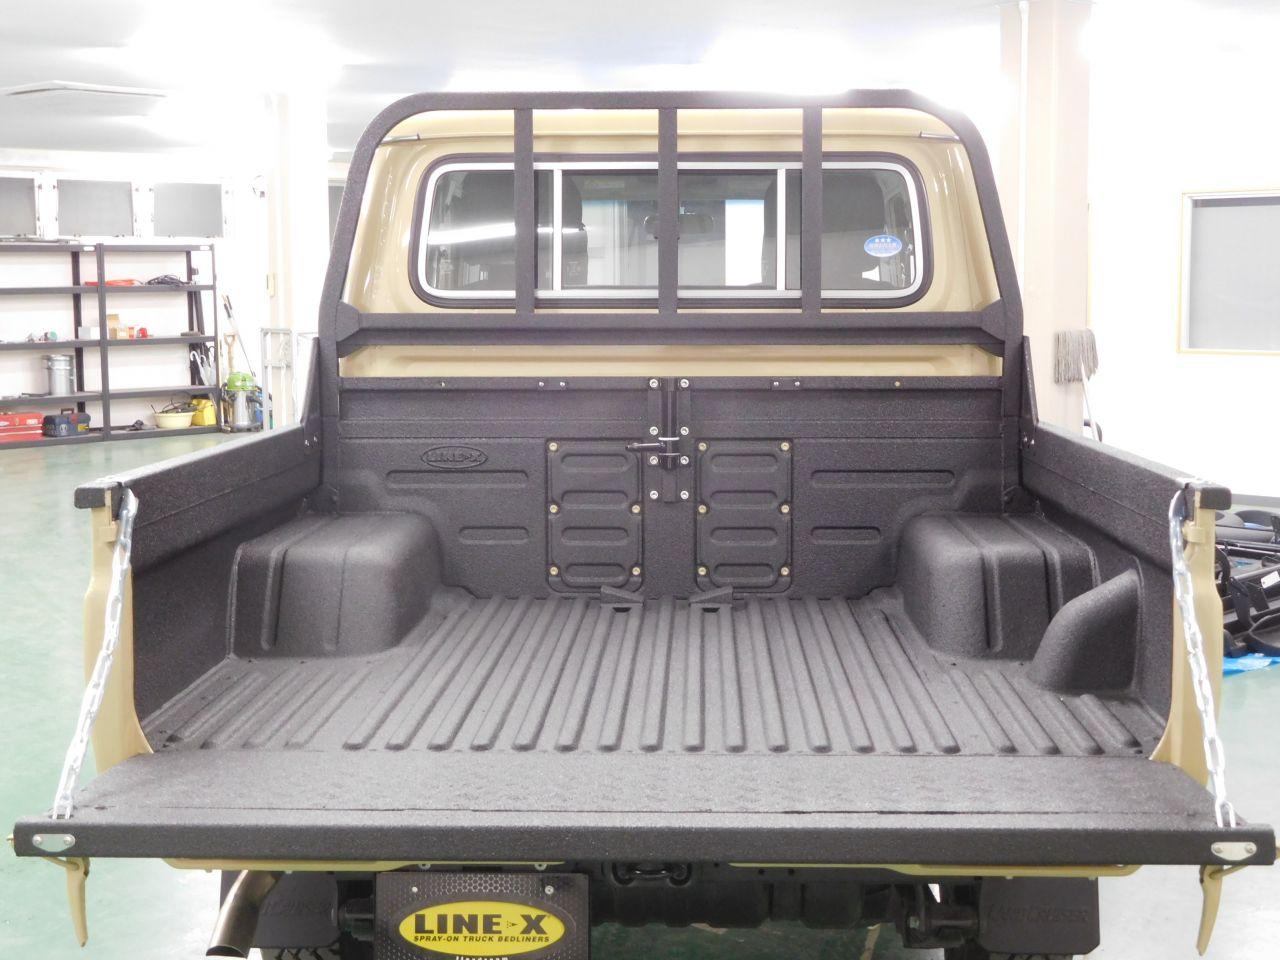 ランクル79 荷台 塗装式ベッドライナーLINE-X(ブラックカラー)